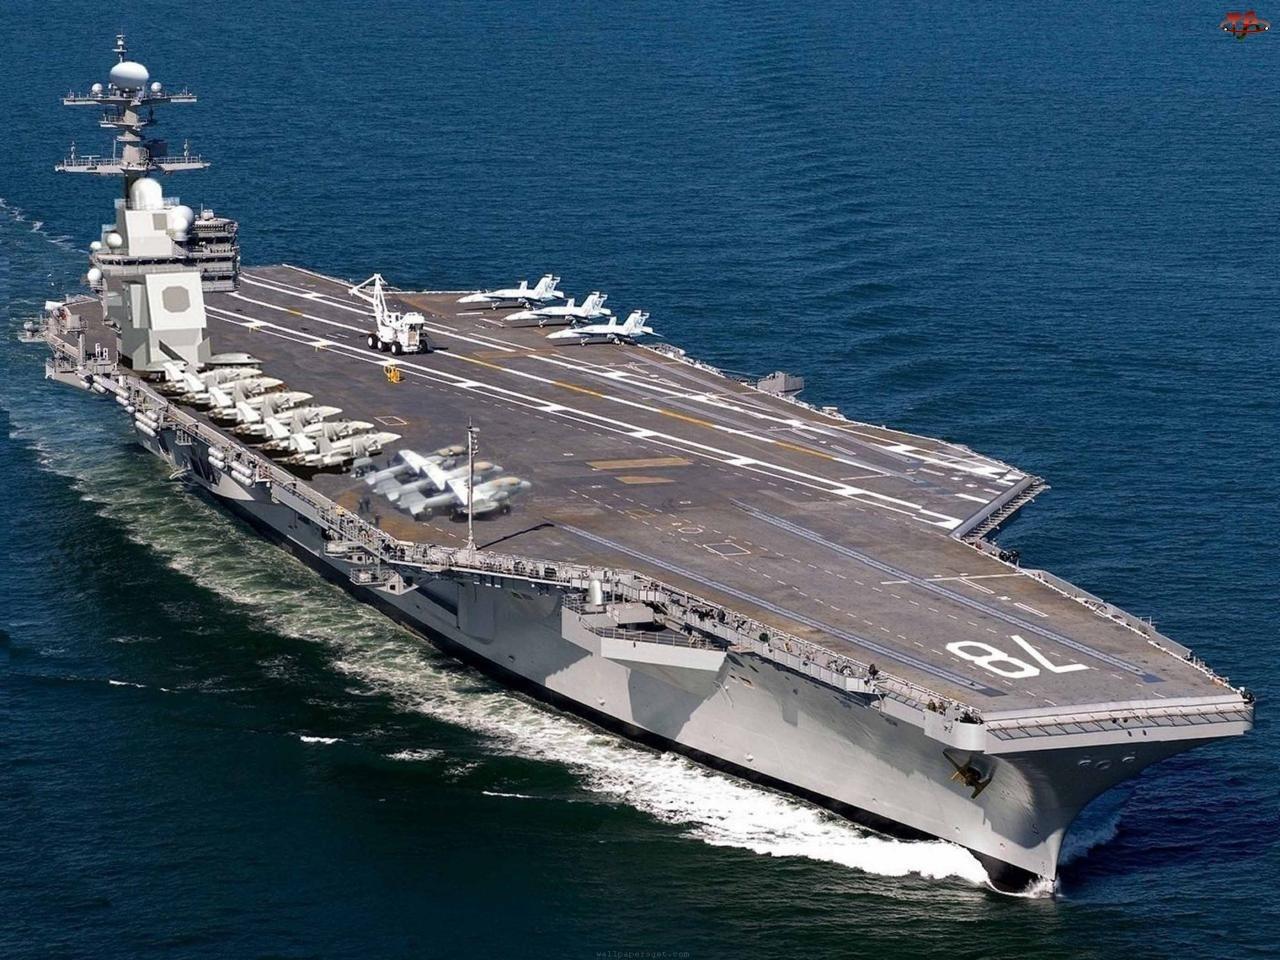 Lotniskowiec, Okręt, Amerykański